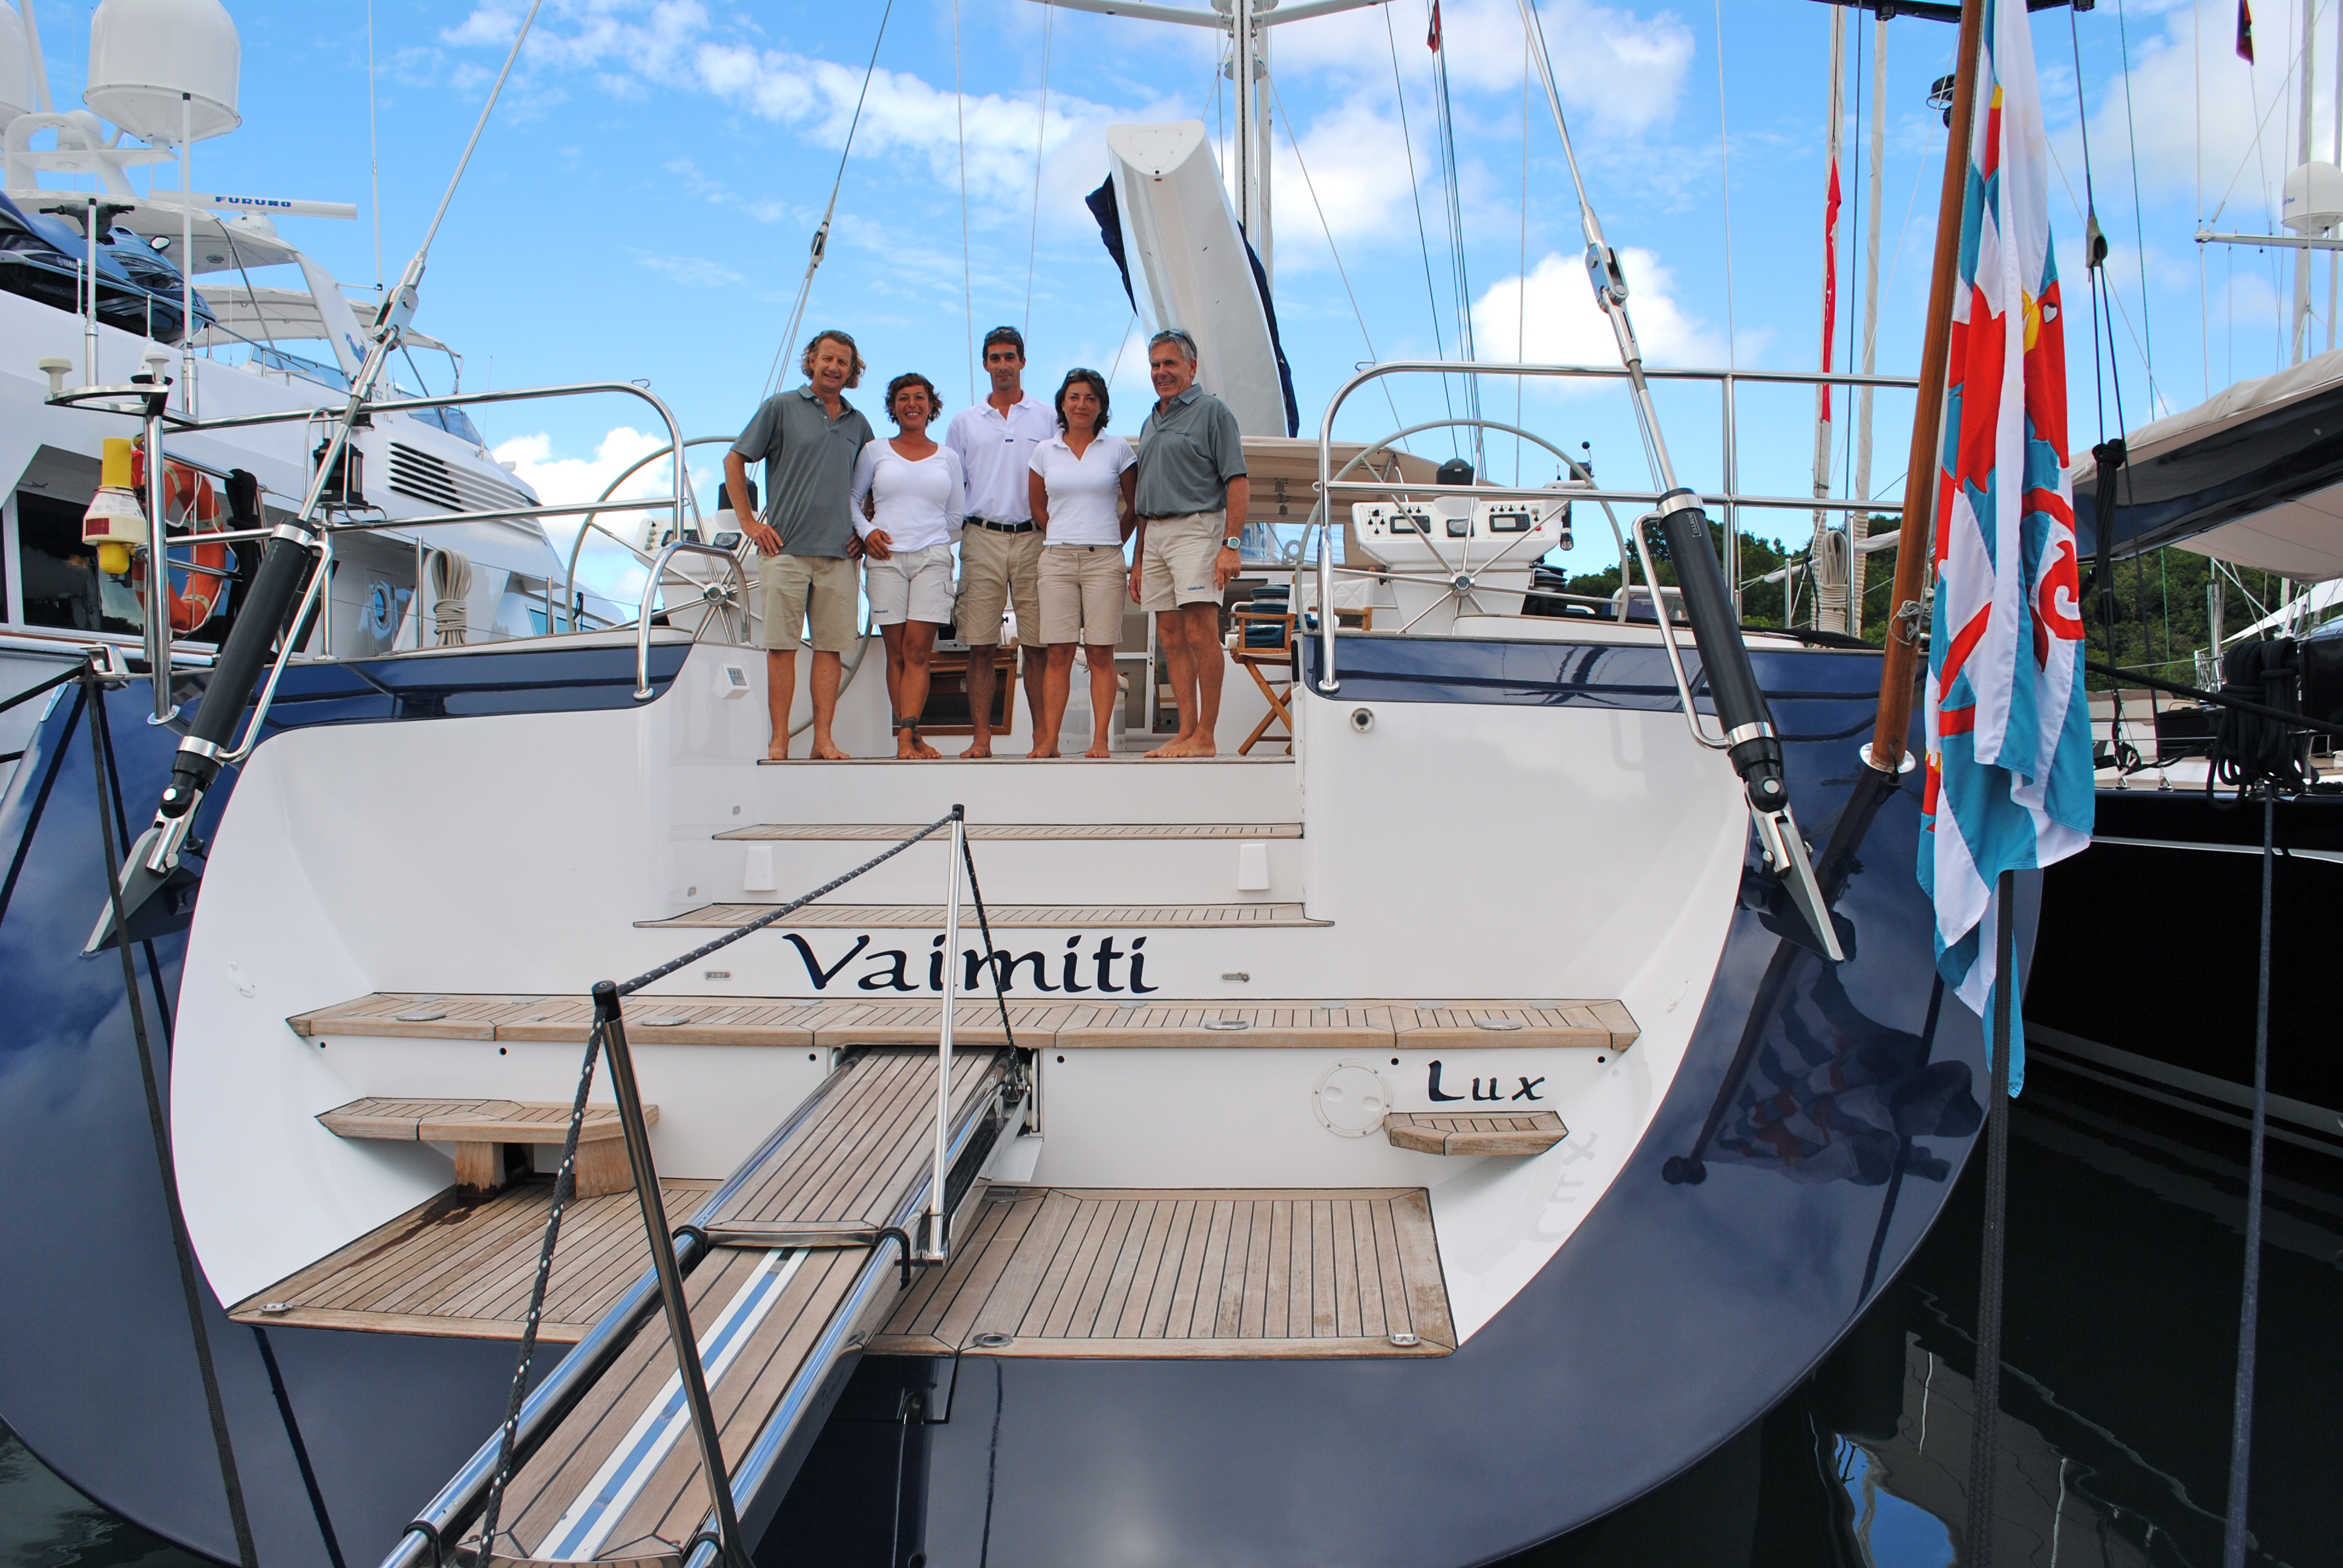 VAIMITI Smiling Crew